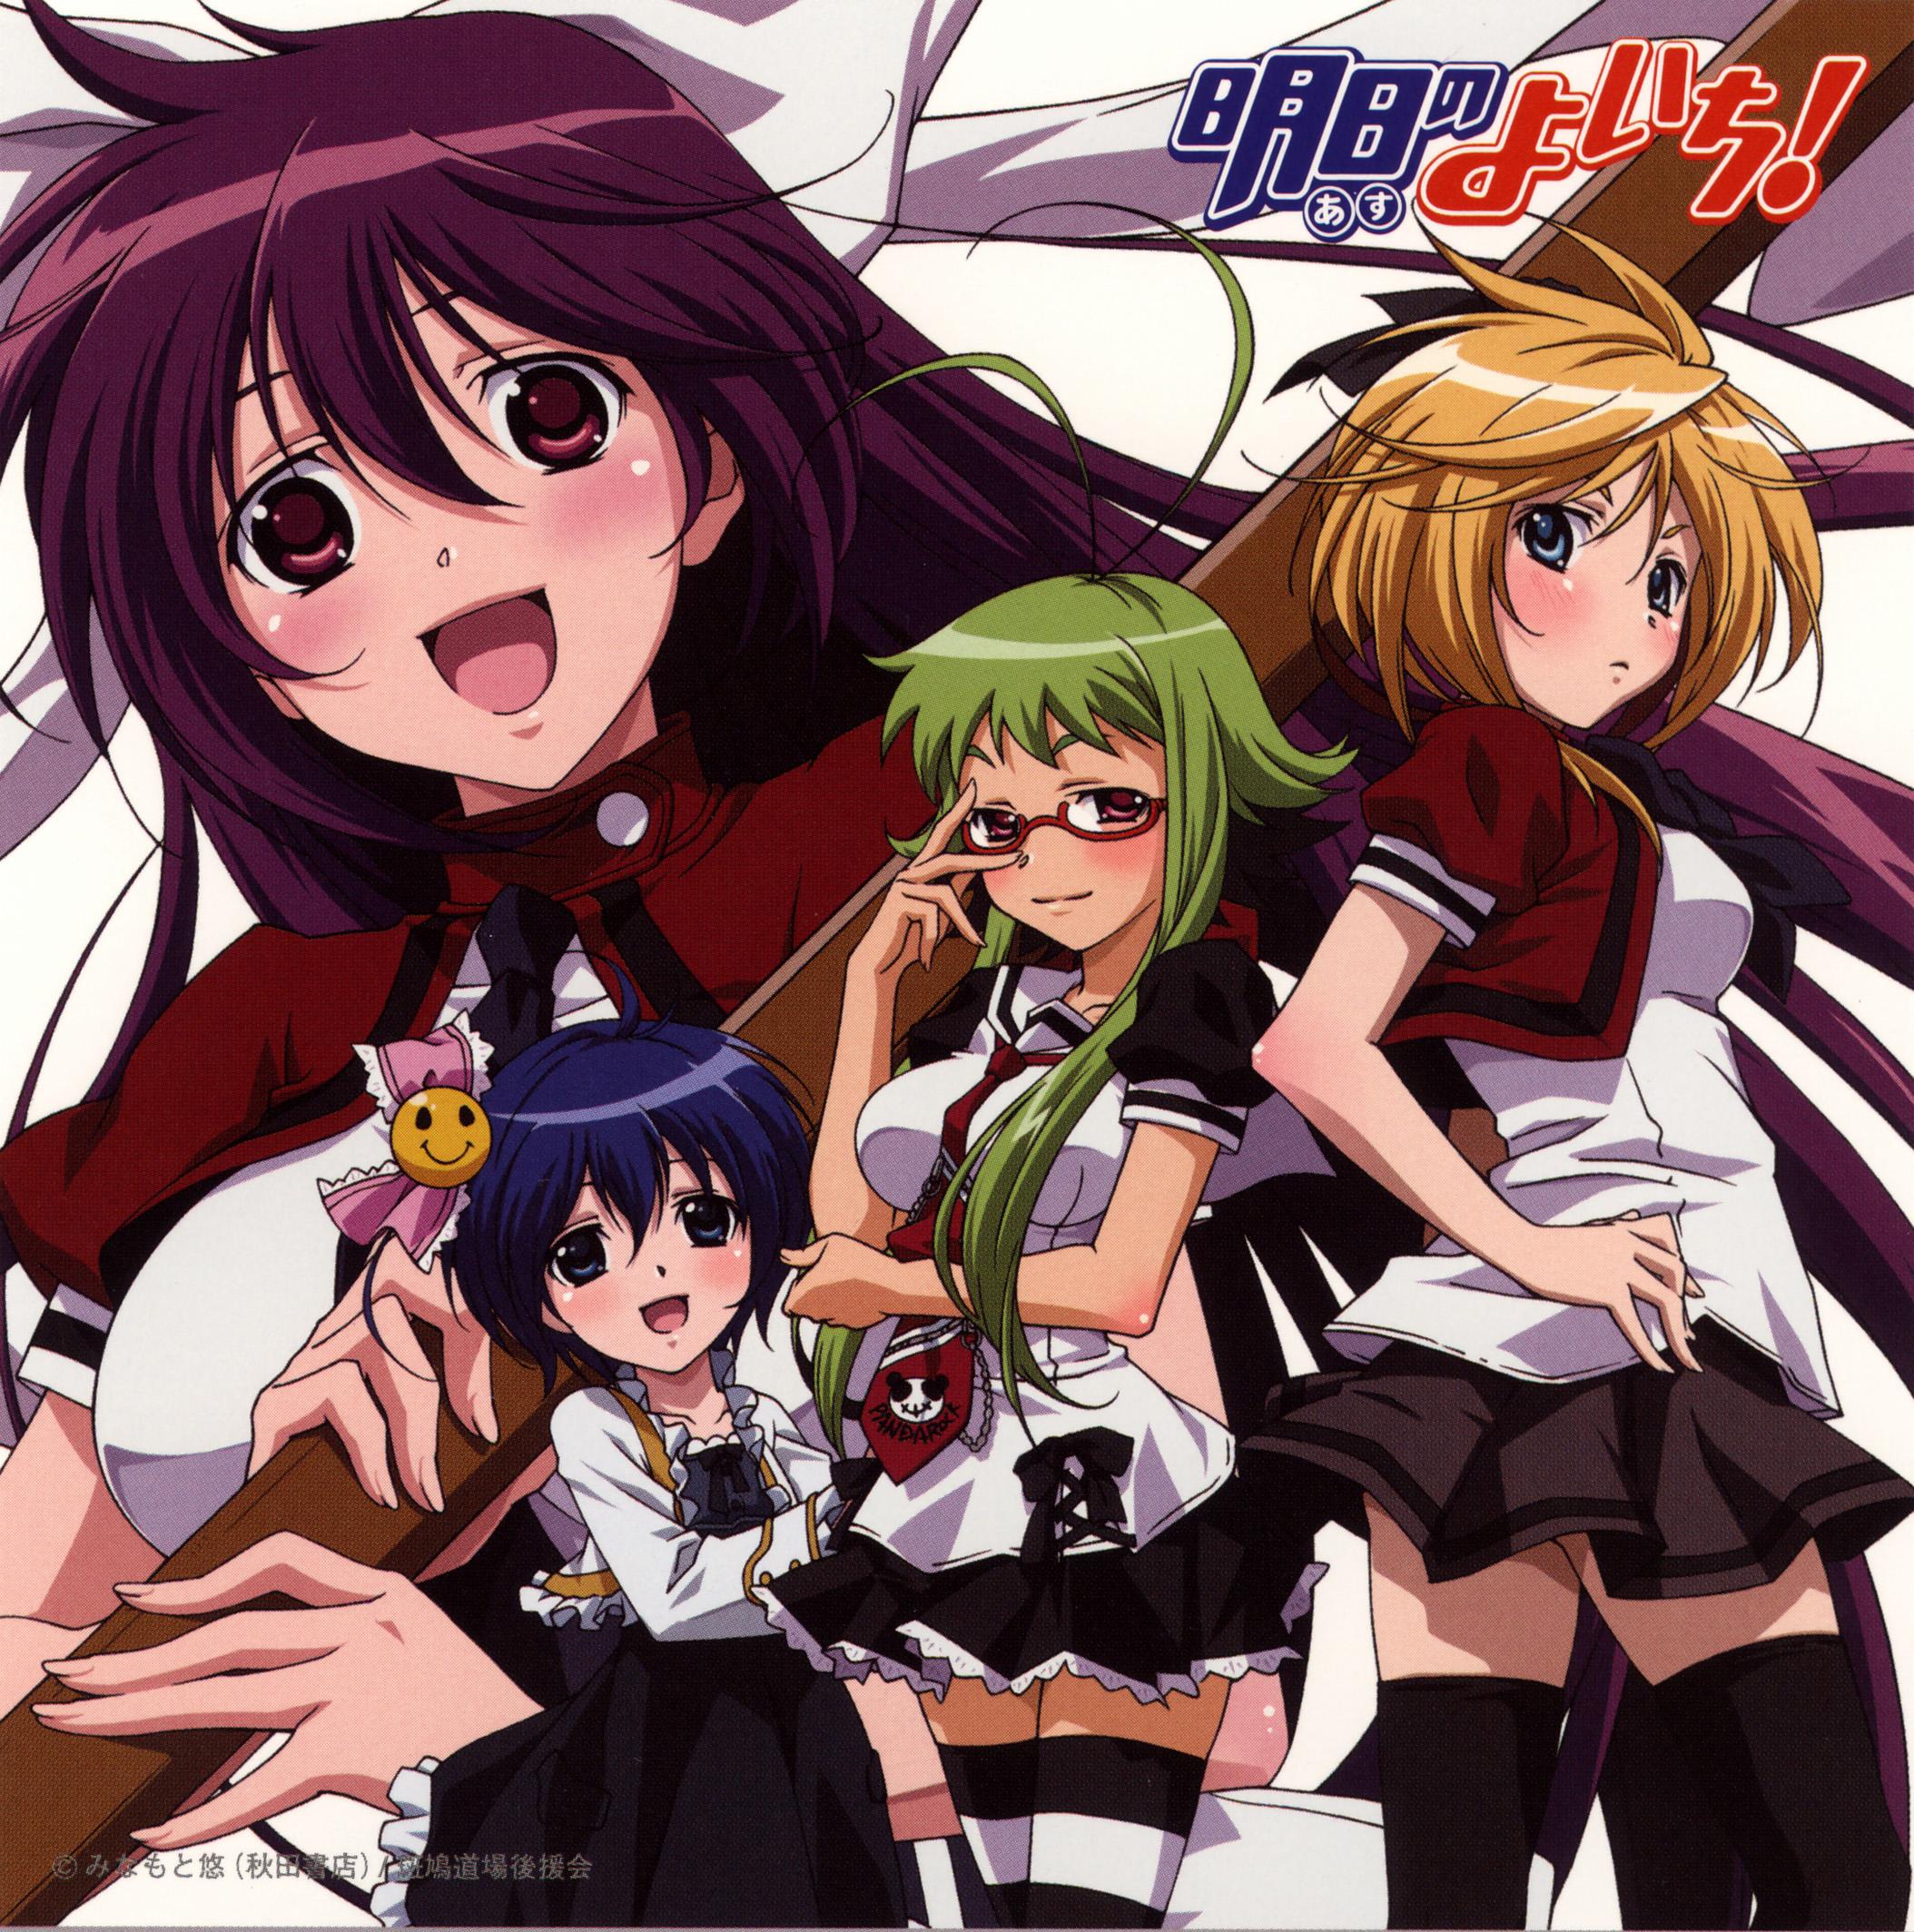 http://thewashitsu.files.wordpress.com/2009/03/asu-no-yoichi-series-header.jpg